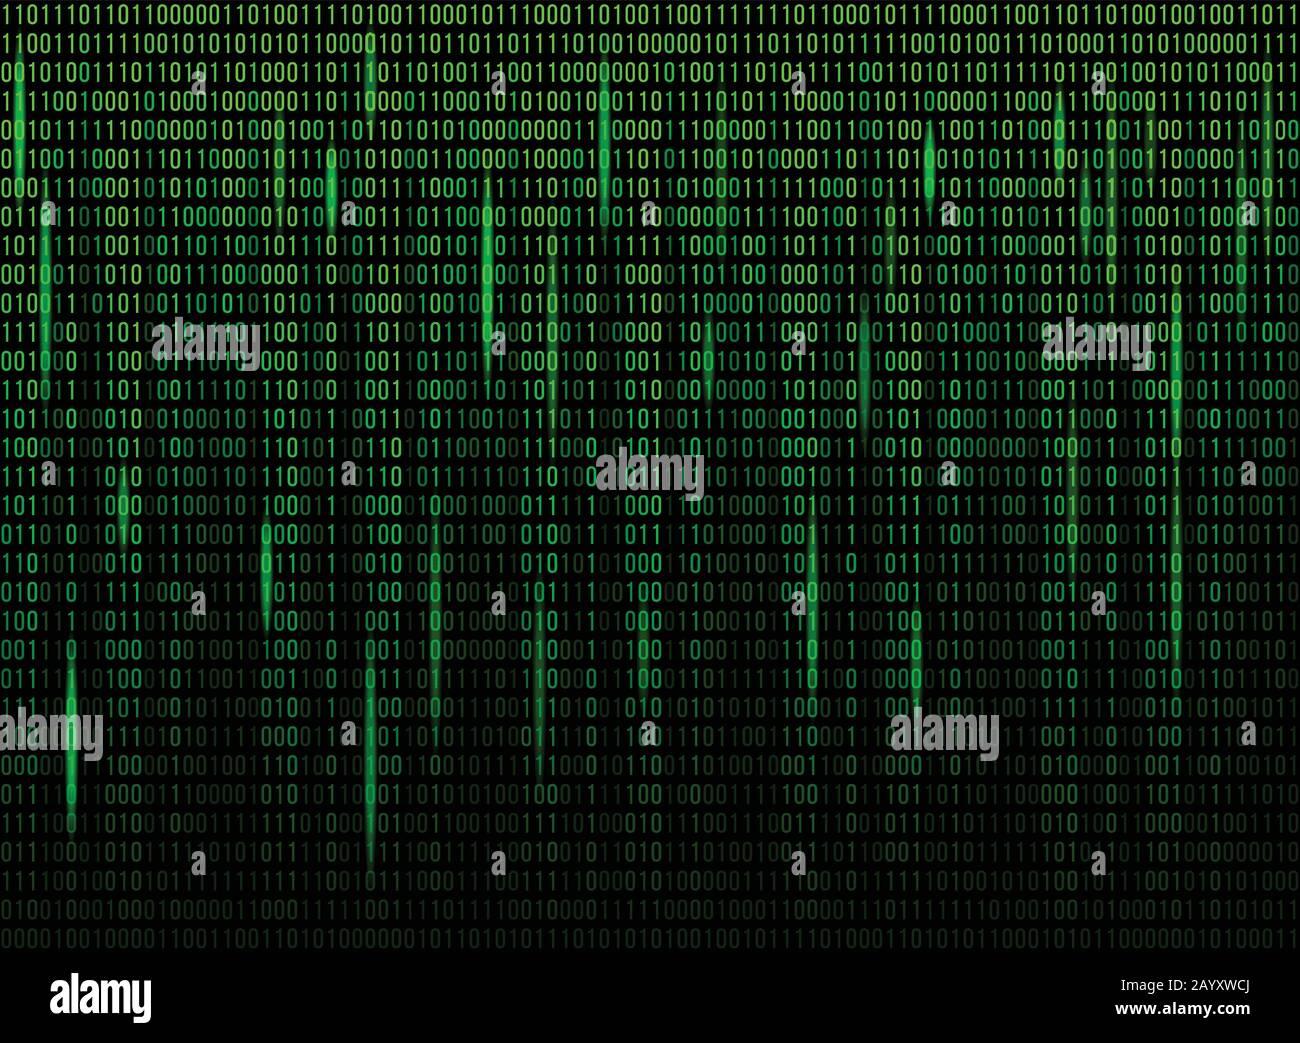 Code de données binaires de l'écran de l'ordinateur. Code numérique continu en vert, données Web abstraites en code binaire. Illustration vectorielle Illustration de Vecteur